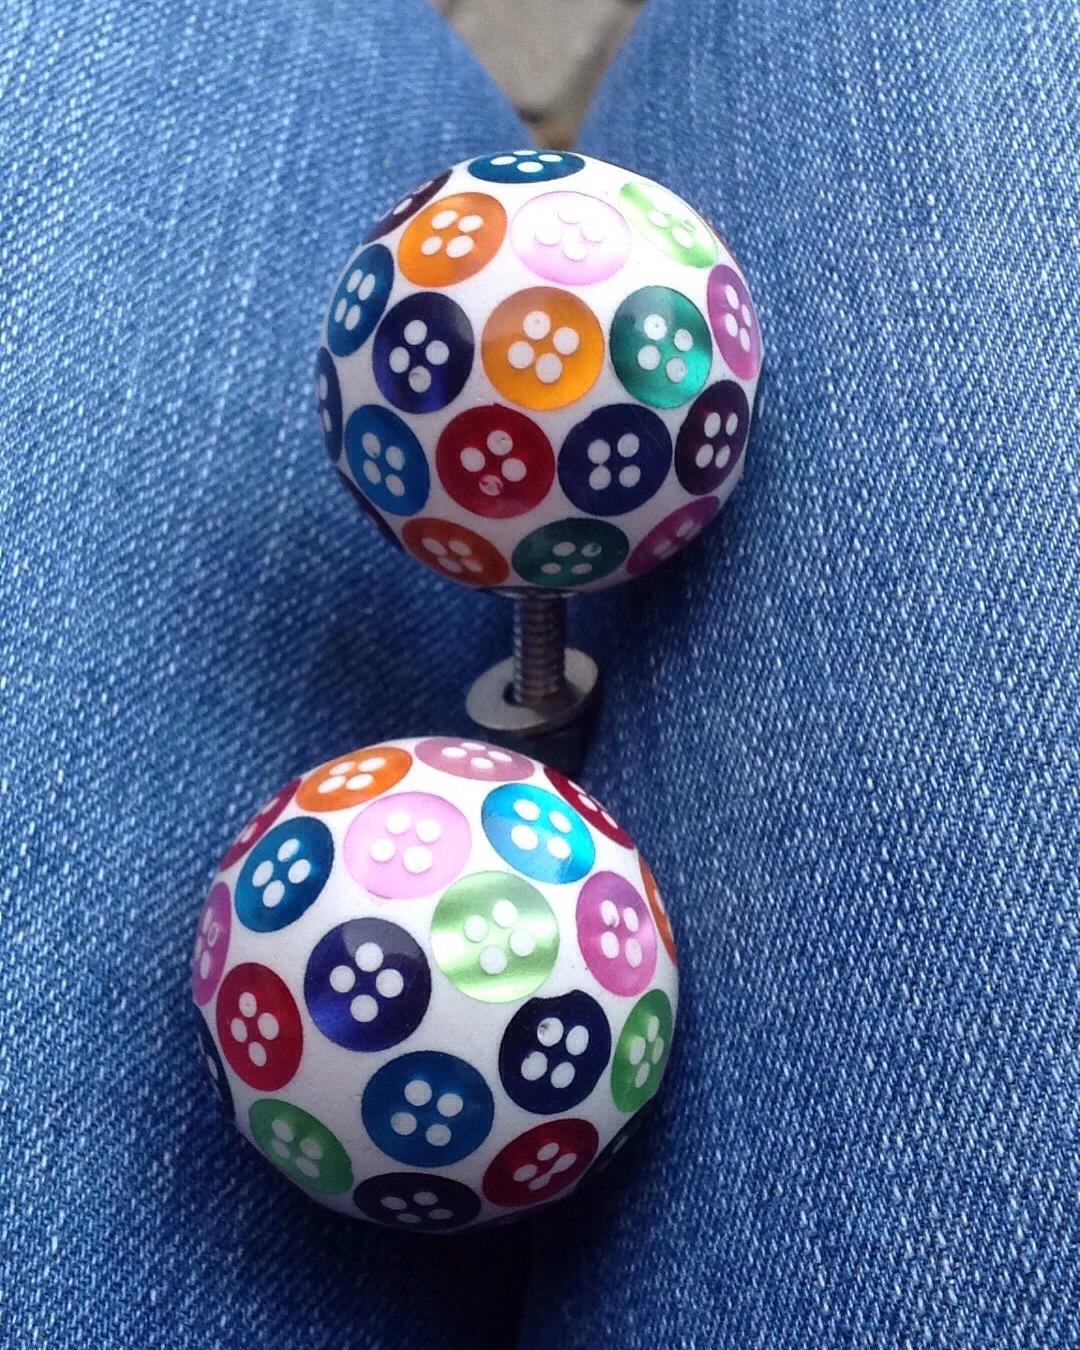 Trinca-Ferro button knobs